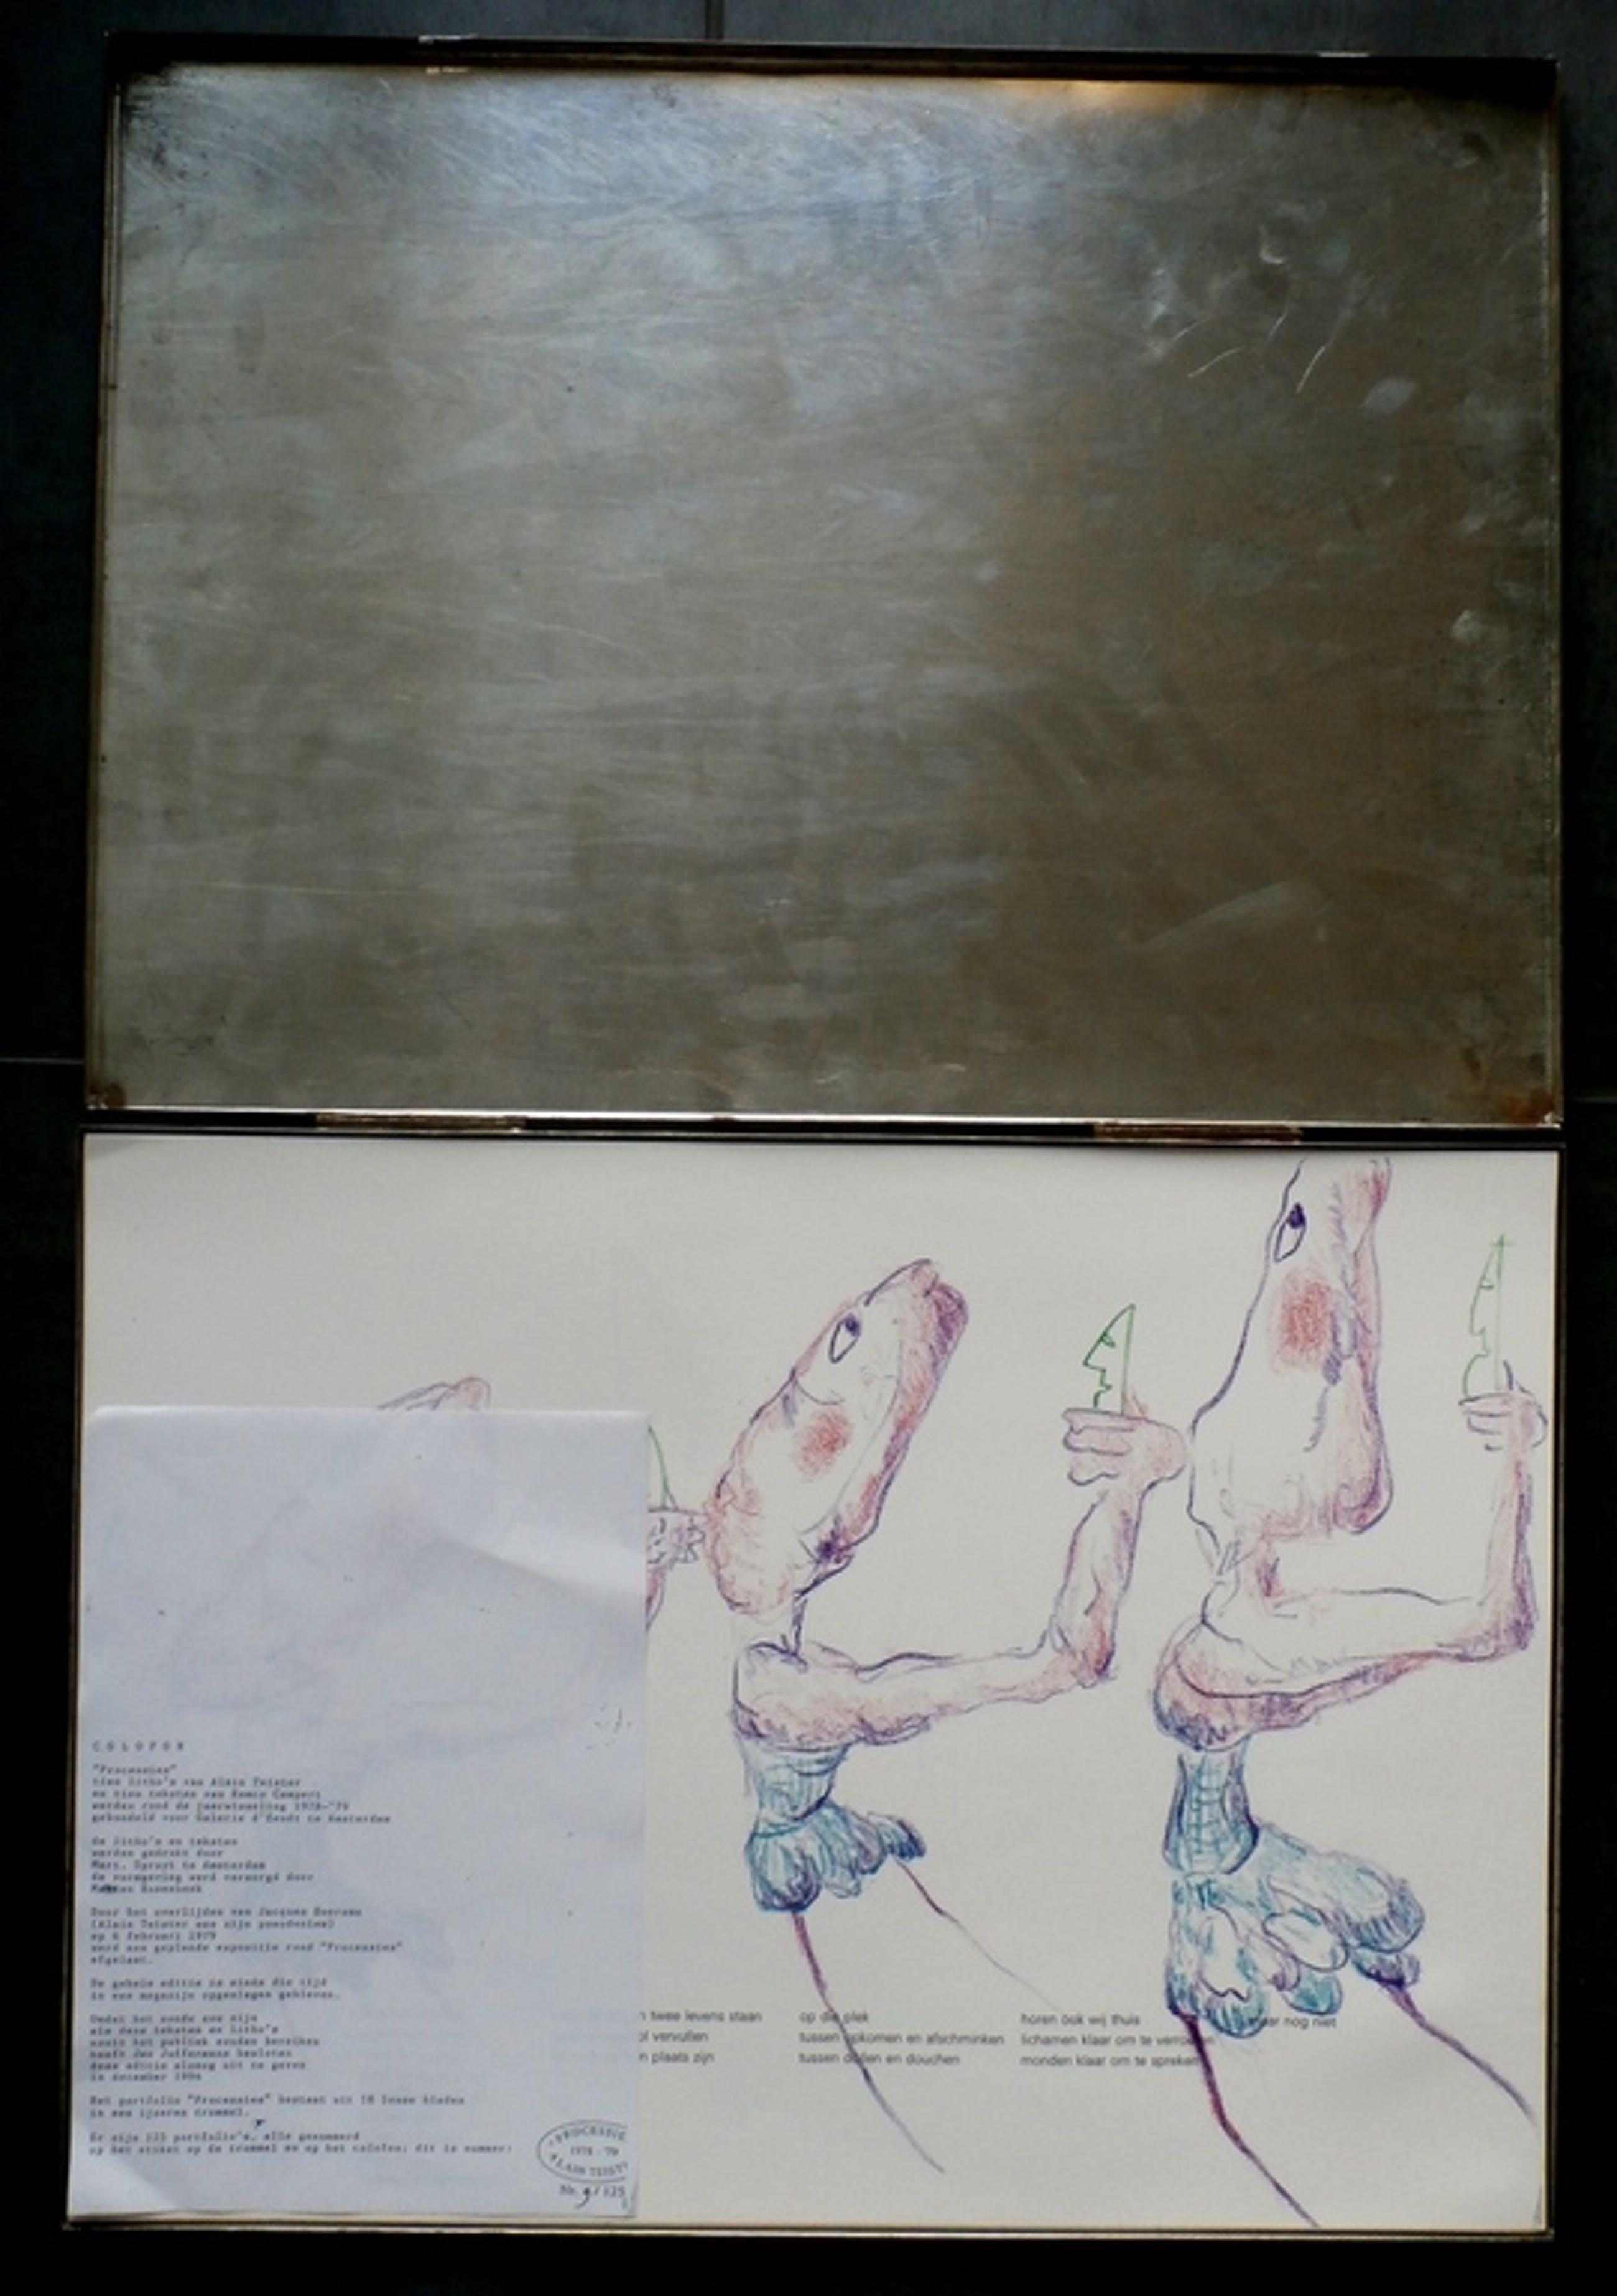 Alain Teister - 10 litho's met 10 teksten van Remco Campert - 1978/1979 kopen? Bied vanaf 75!